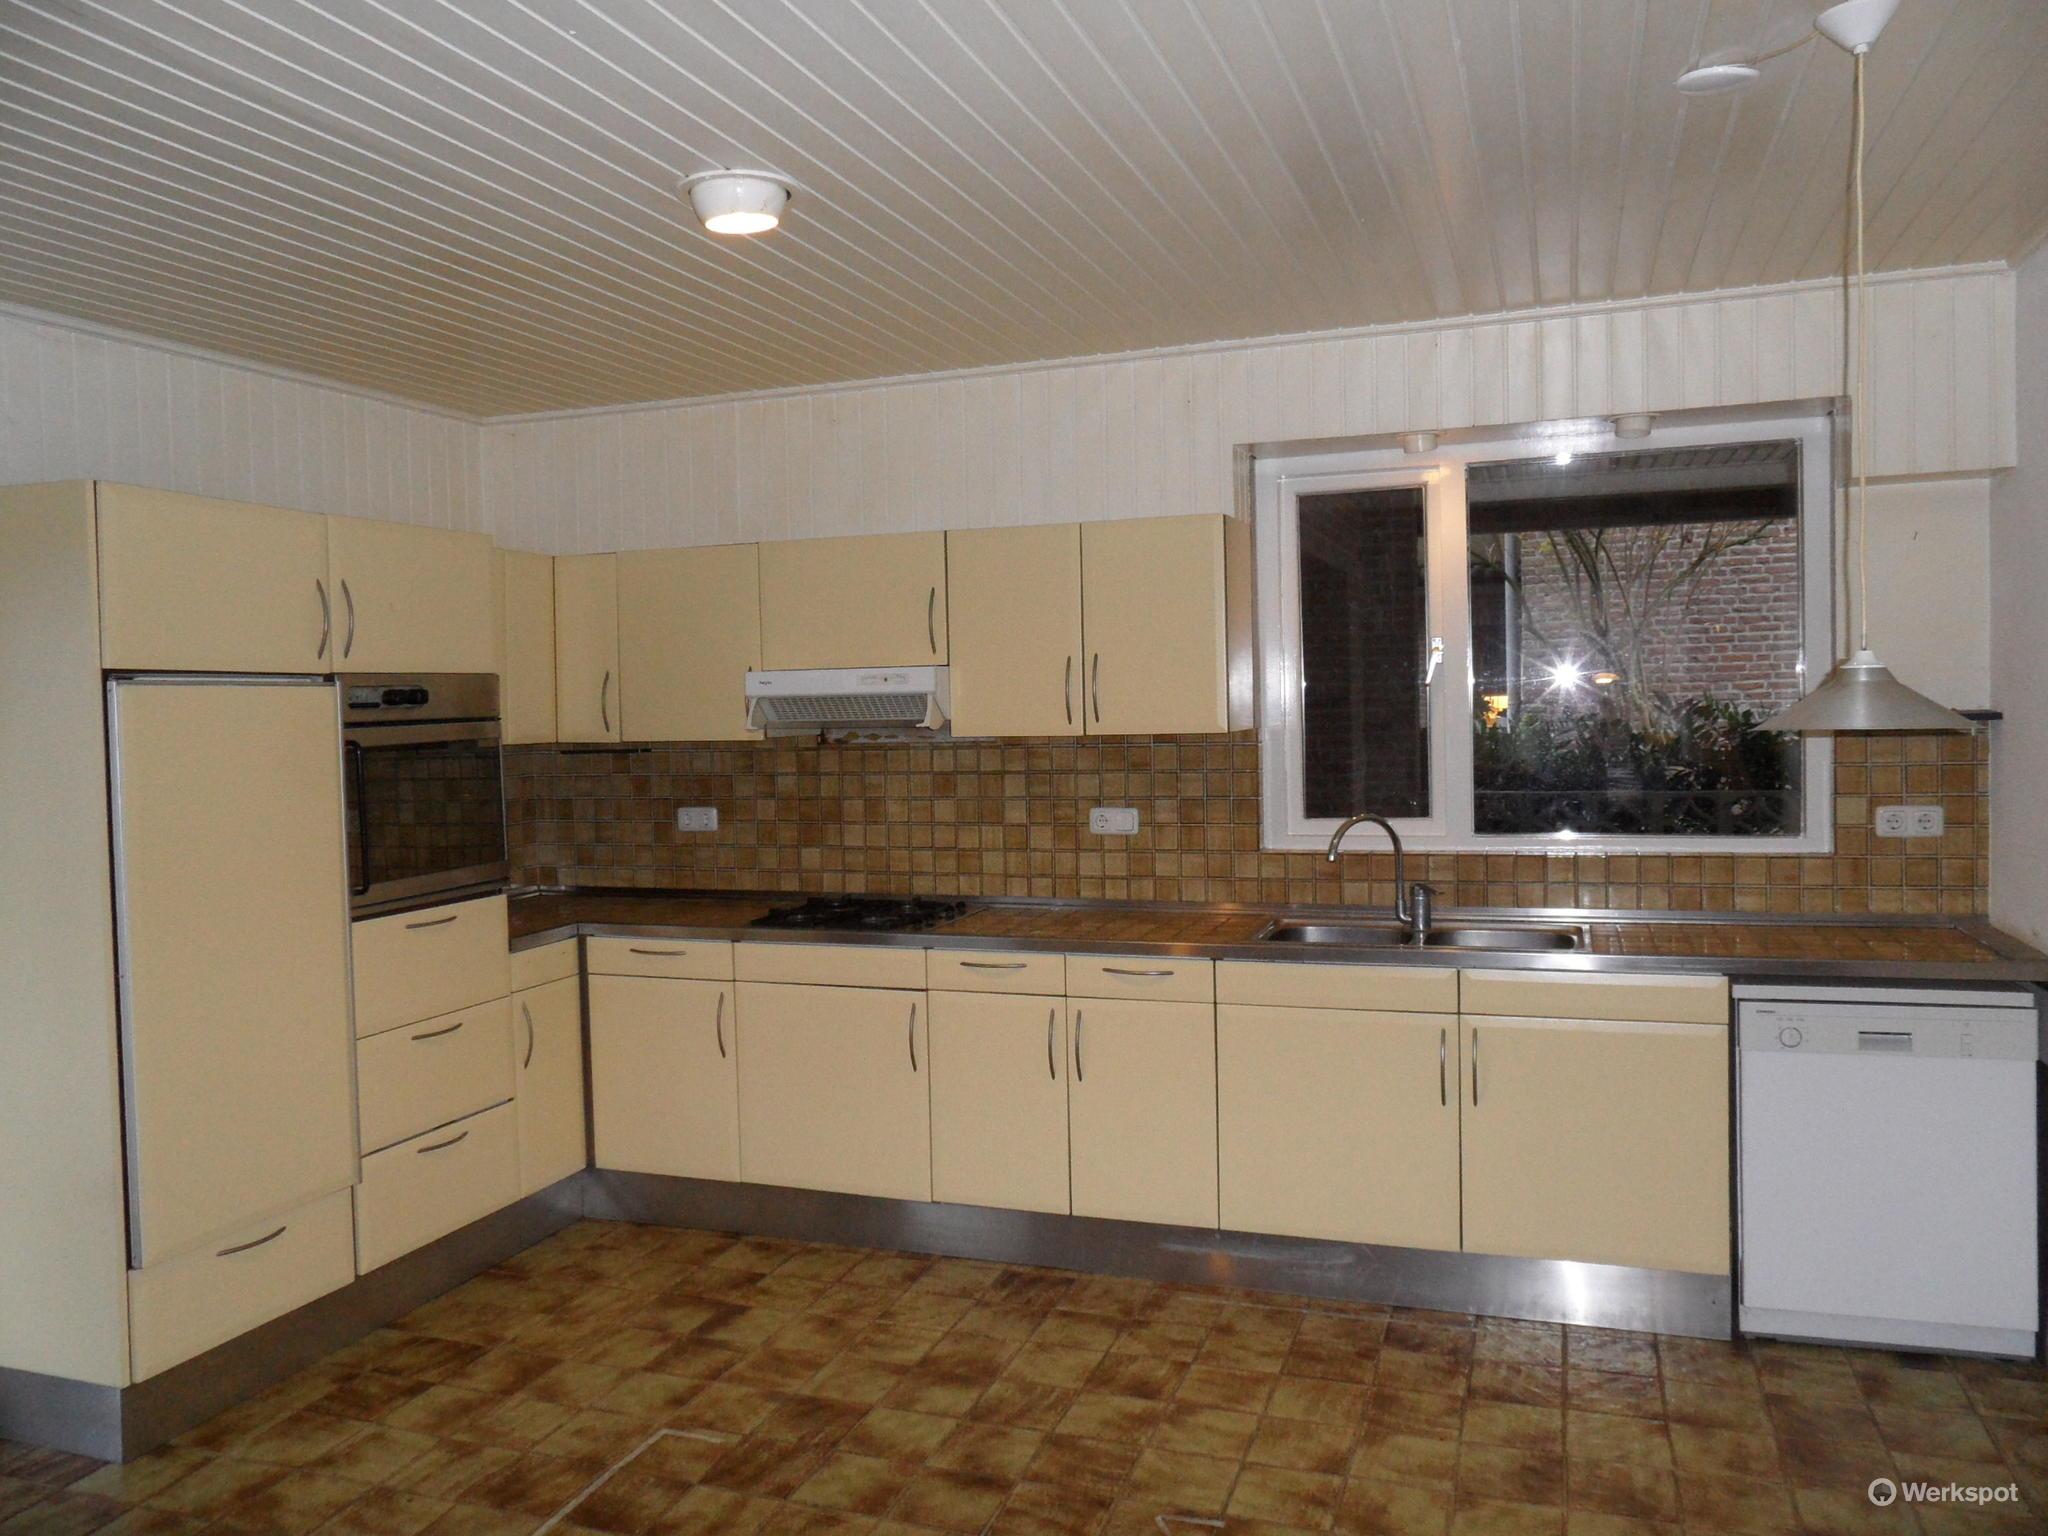 Renoveren badkamer, keuken, toilet, bijkeuken en hal - Werkspot